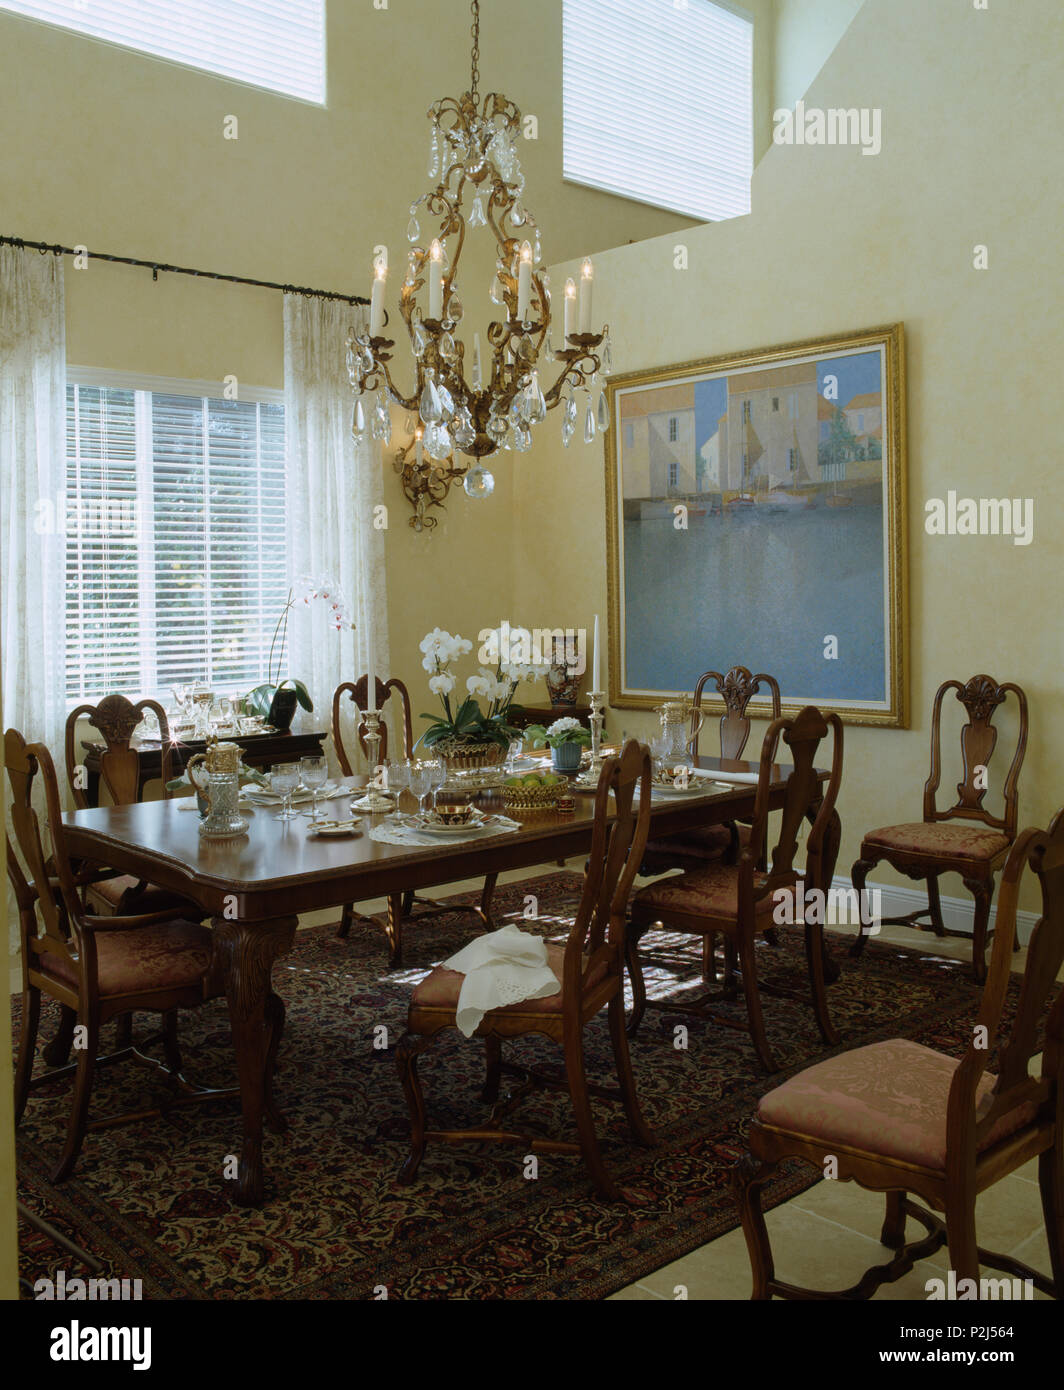 Beleuchtete Antiken Kronleuchter Aus Kristall Oben Mahagoni Tisch Und  Stühle In Doppelter Höhe Esszimmer Mit Großem Bild An Der Wand